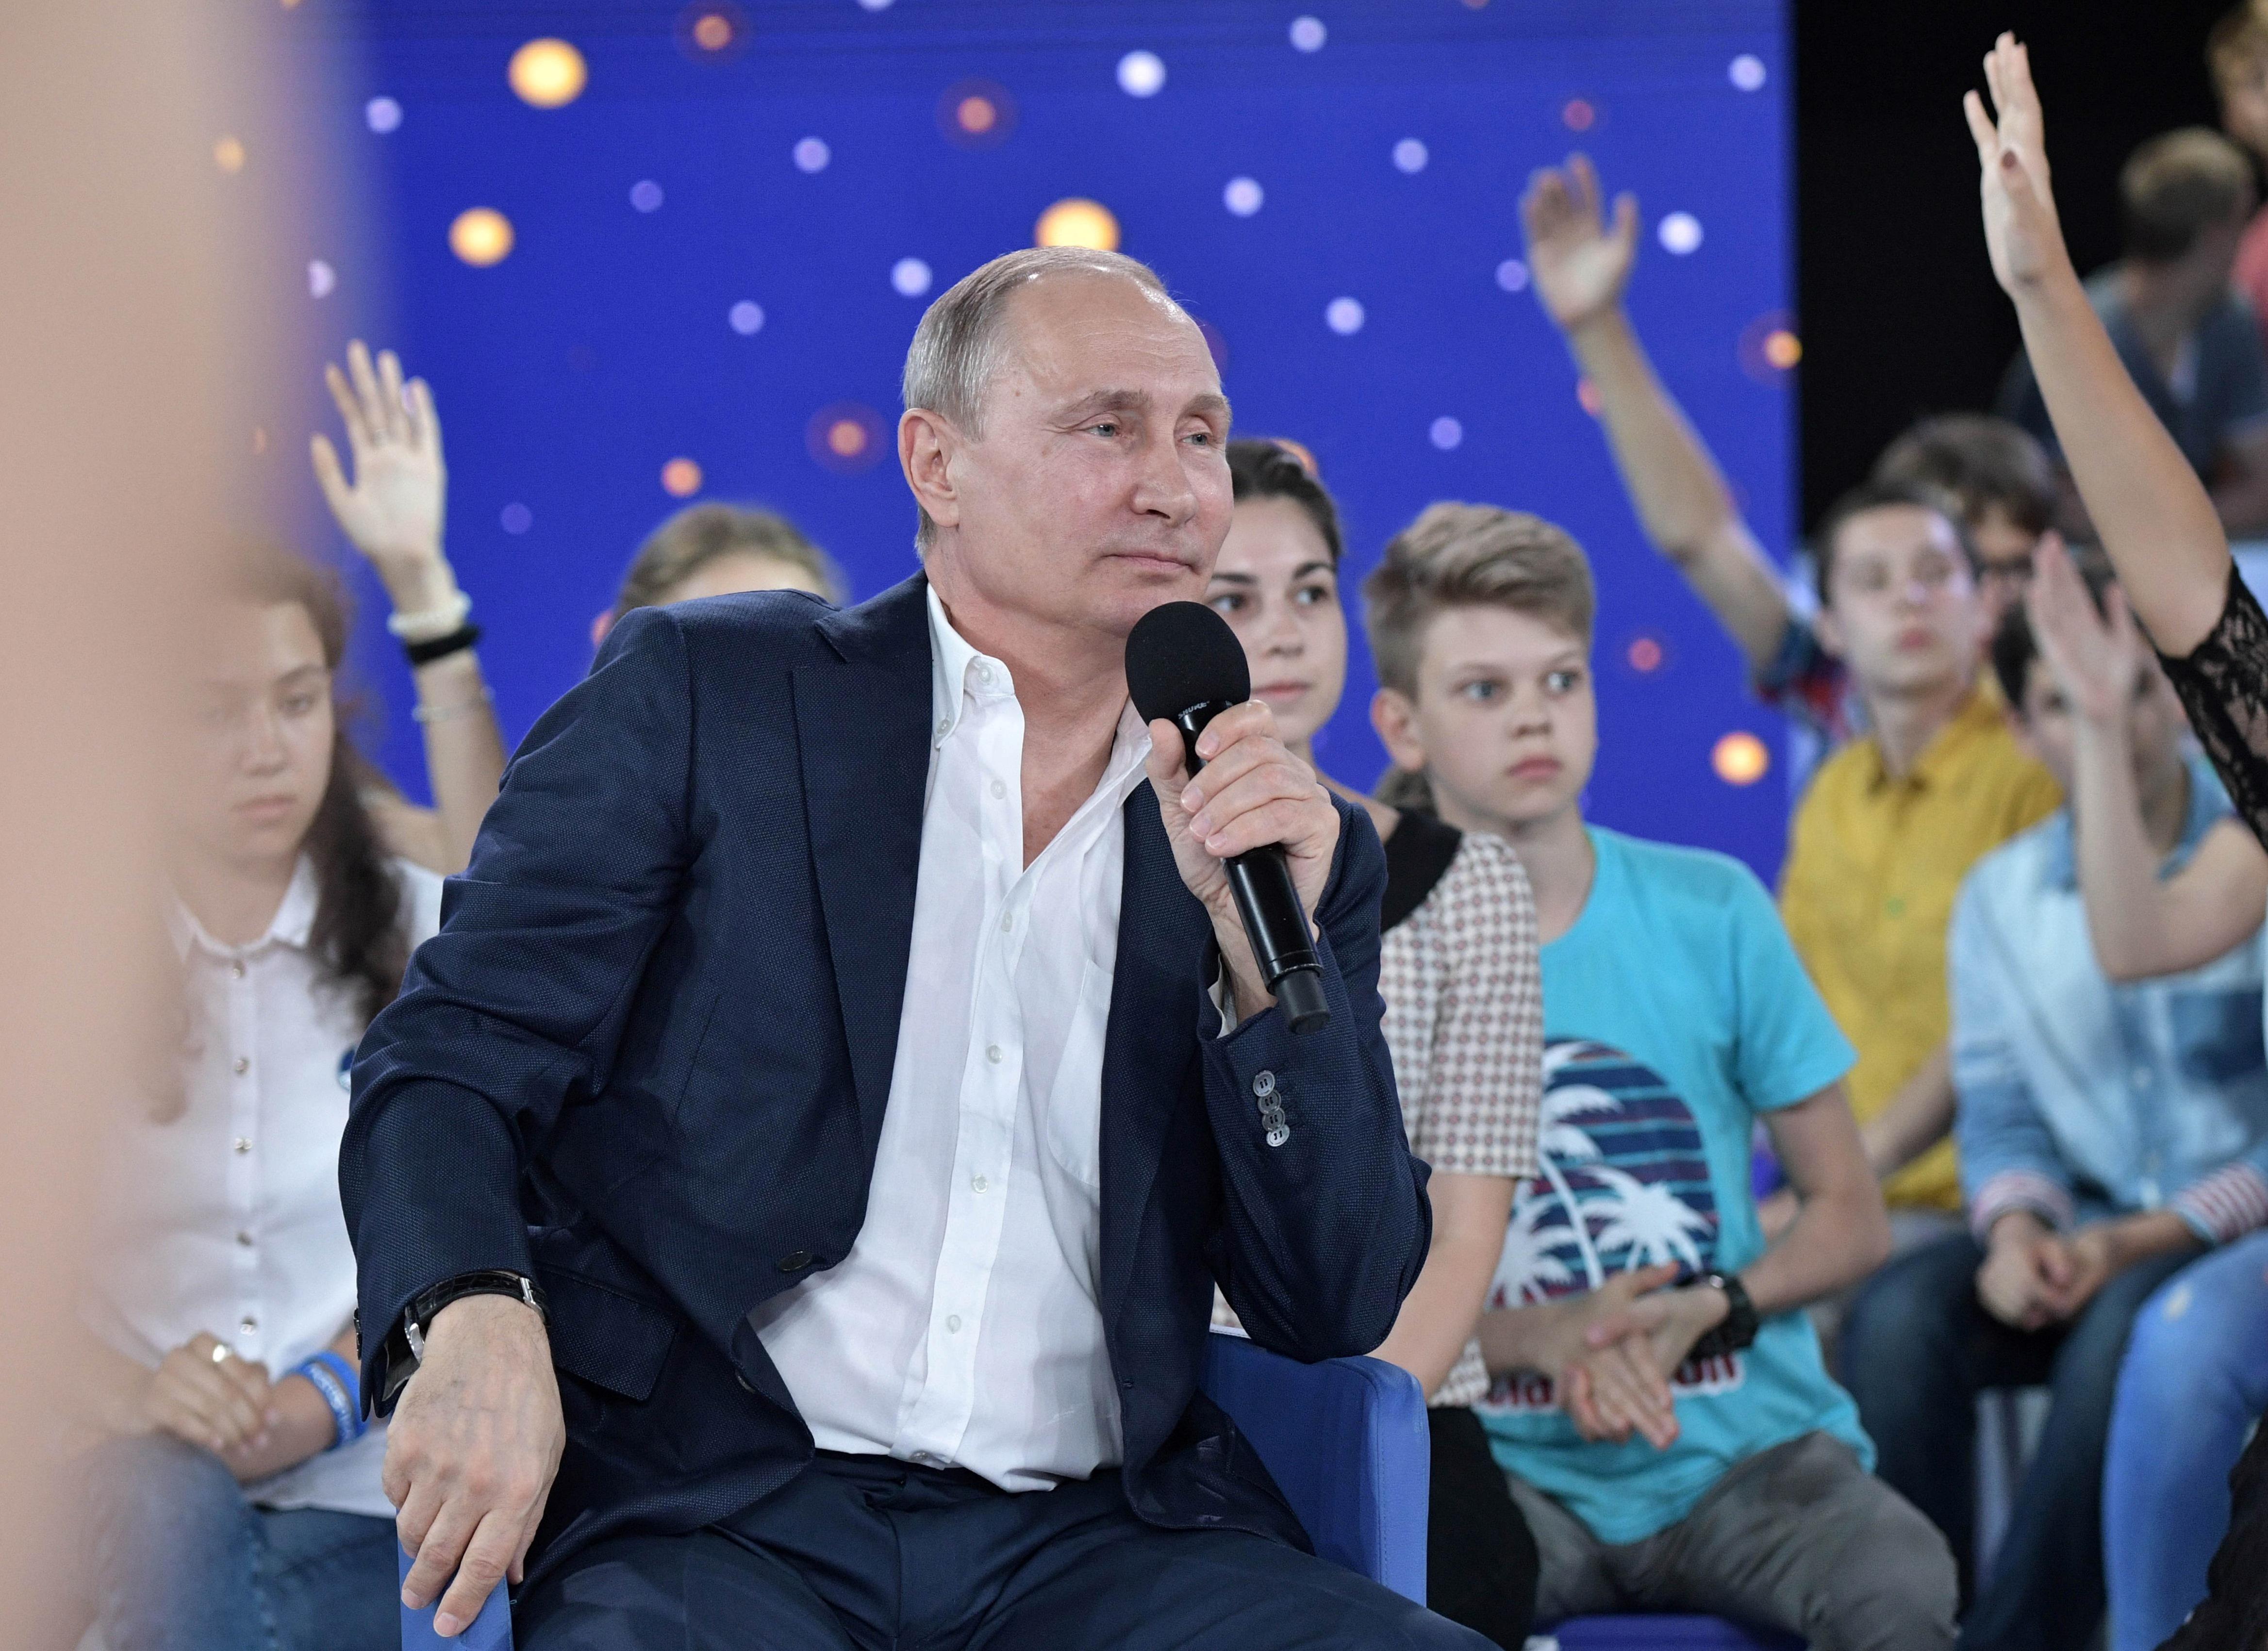 Hamarosan elkezdhetik elvenni a doppingolással lebukott orosz sportolók olimpiai érmeit